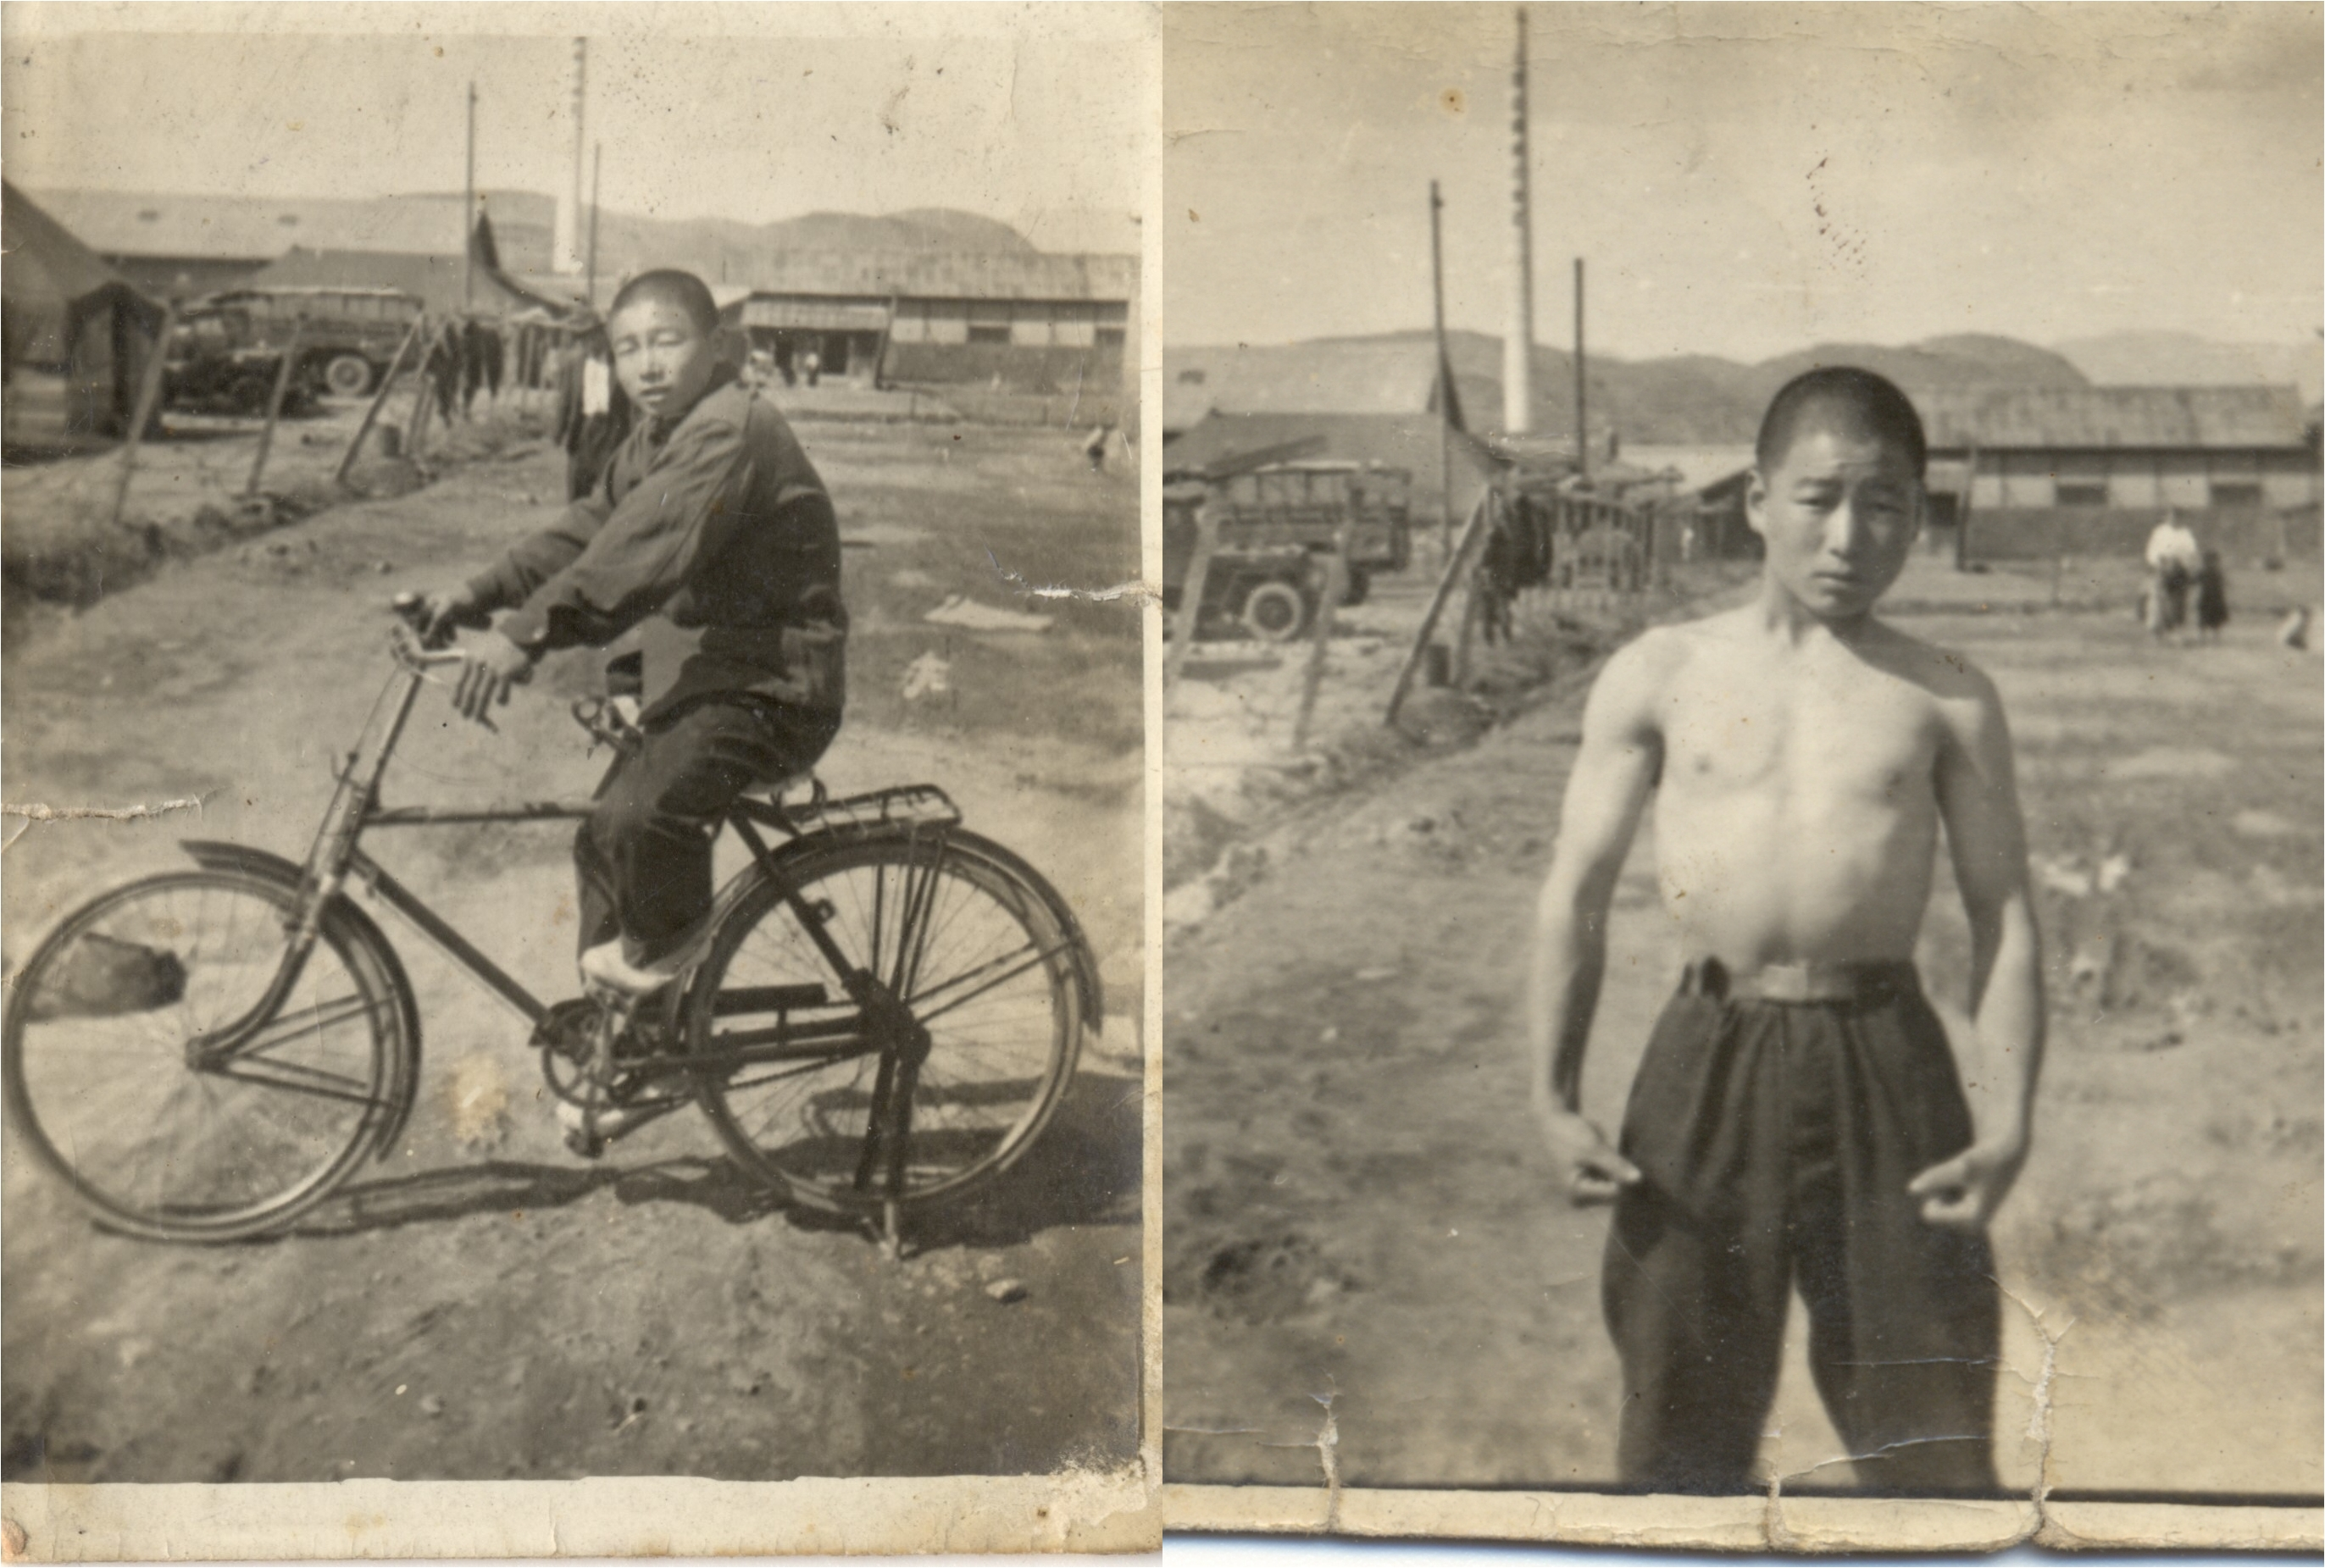 자동차보다 자전거를 즐겨 탔던 아버지